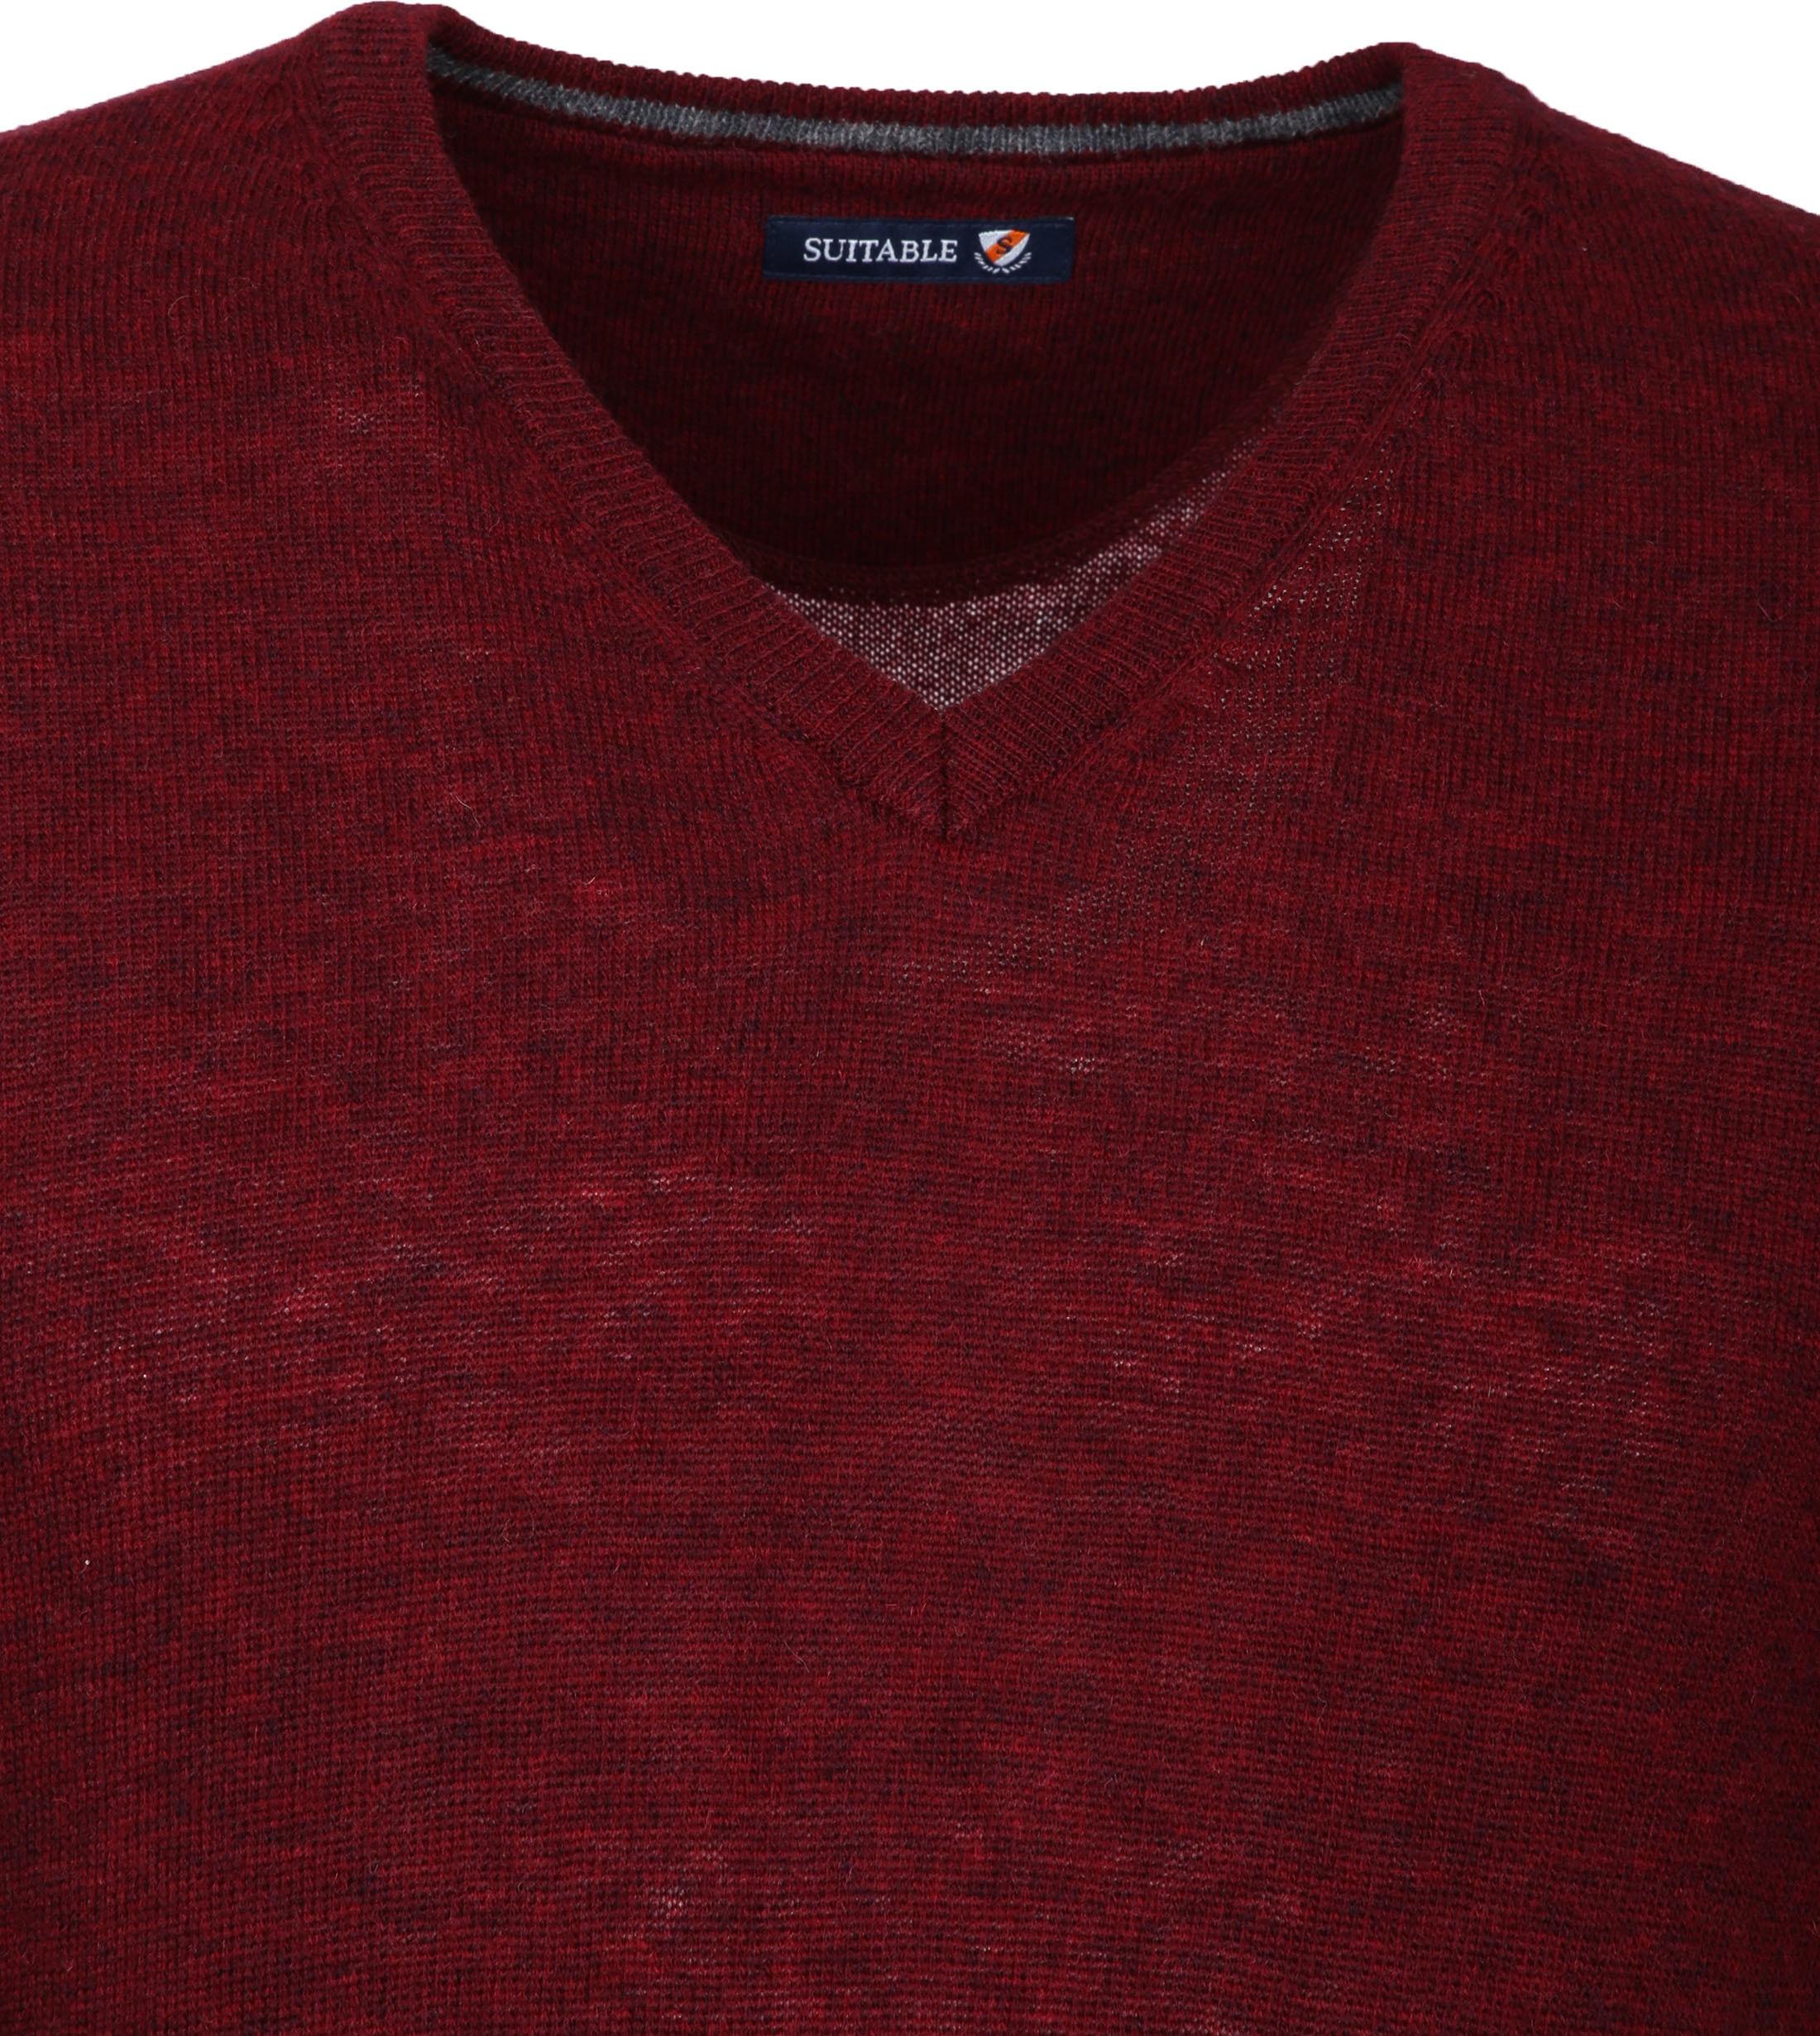 Suitable Pullover V-Hals Lamswol Bordeaux foto 2